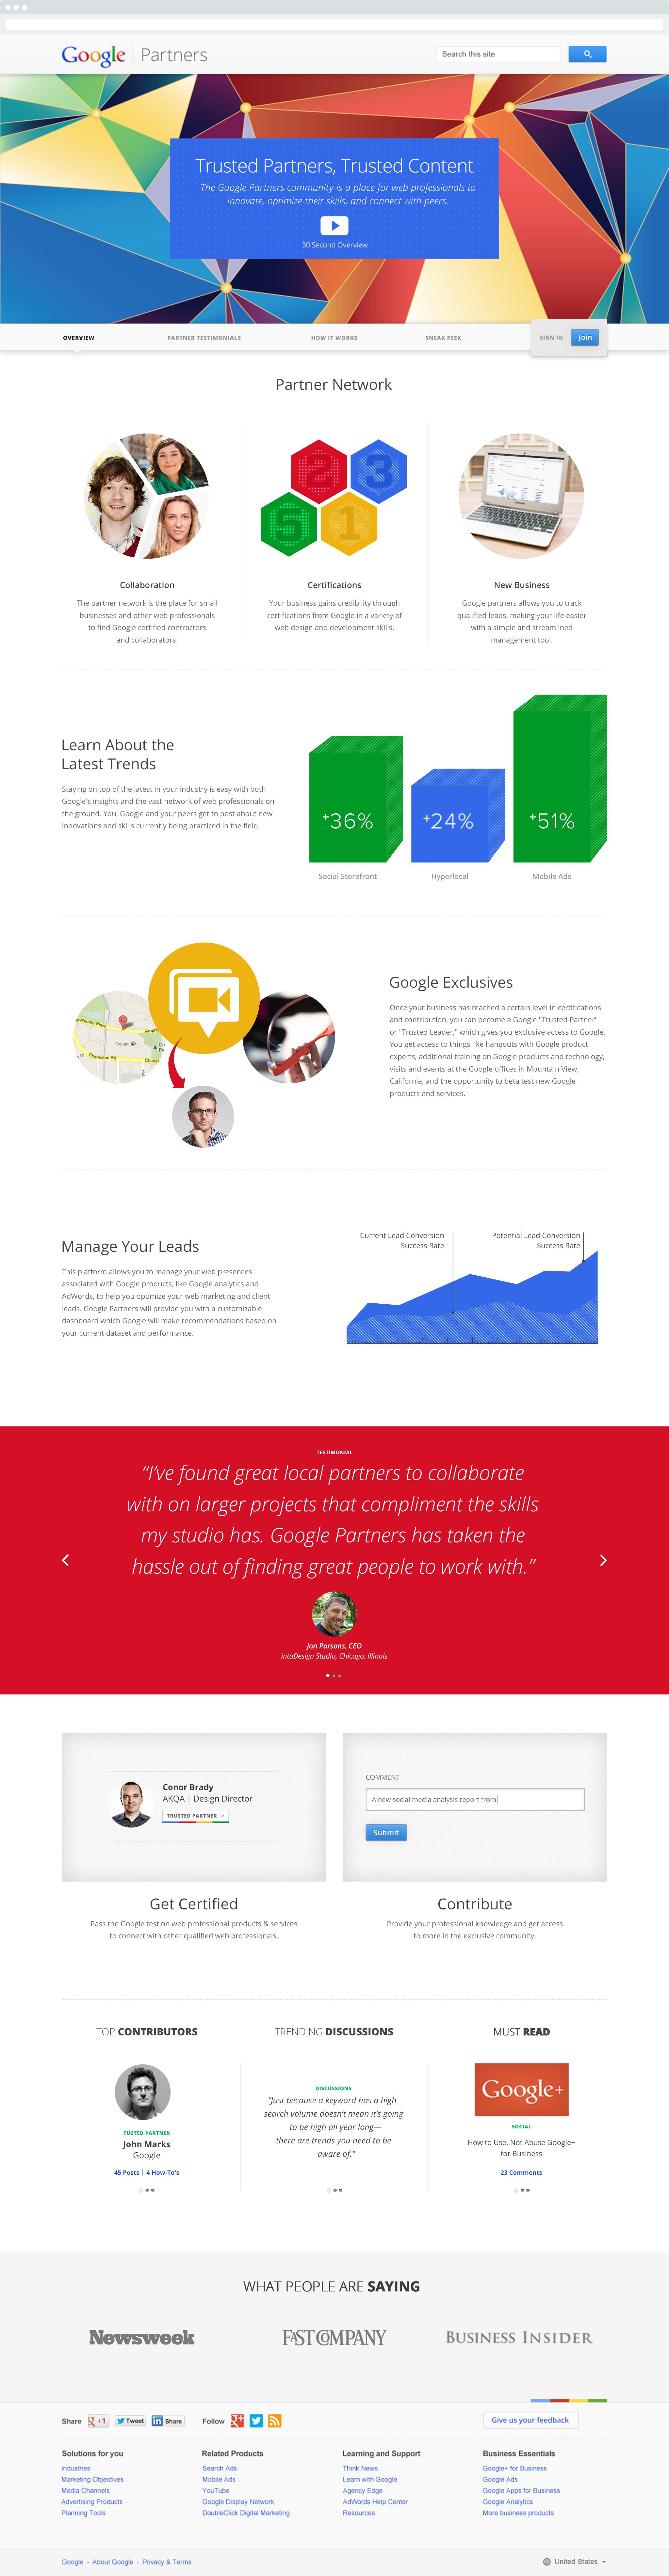 Google_Partners_Homepage.jpg